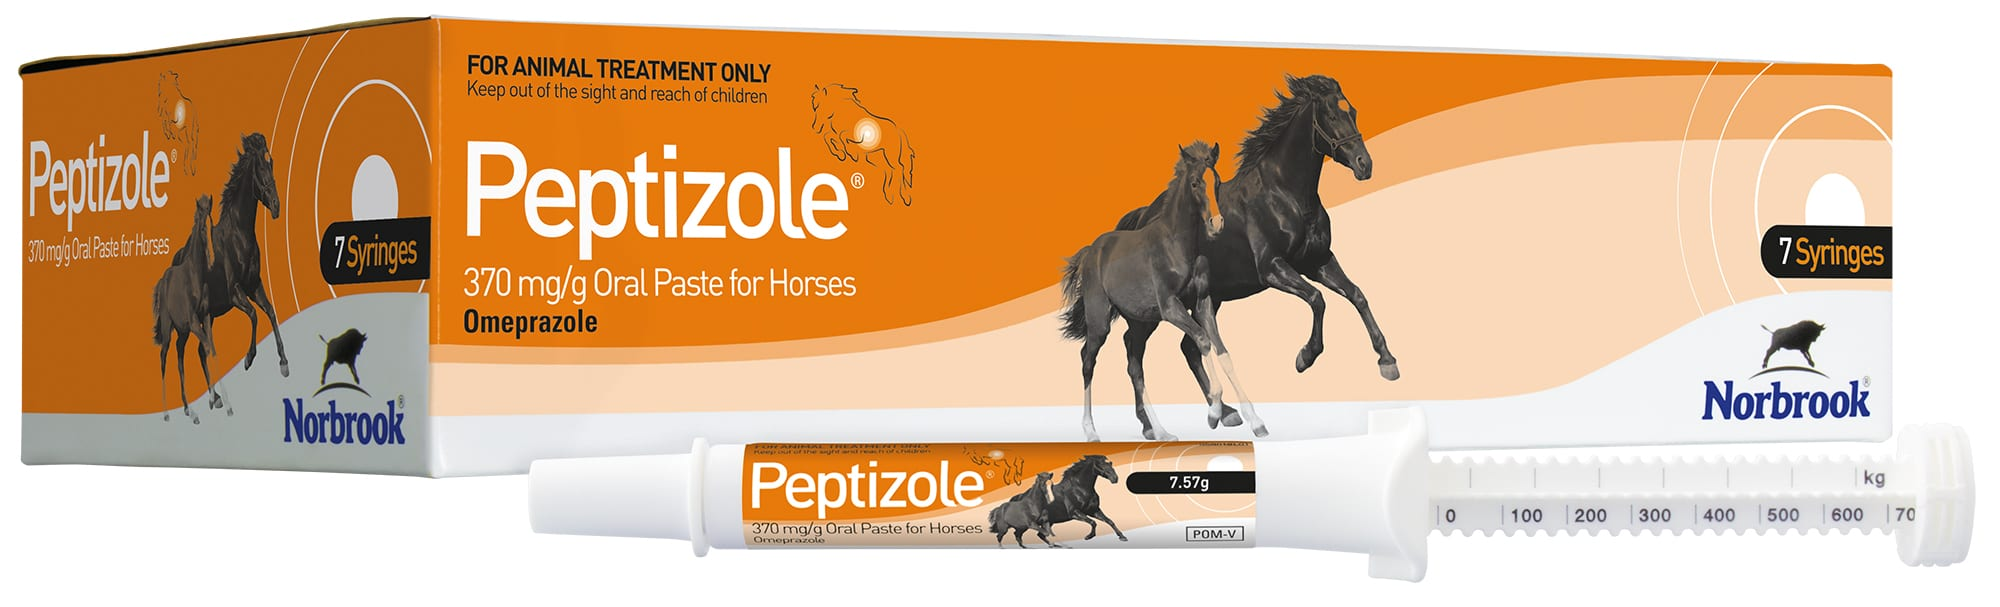 Peptizole